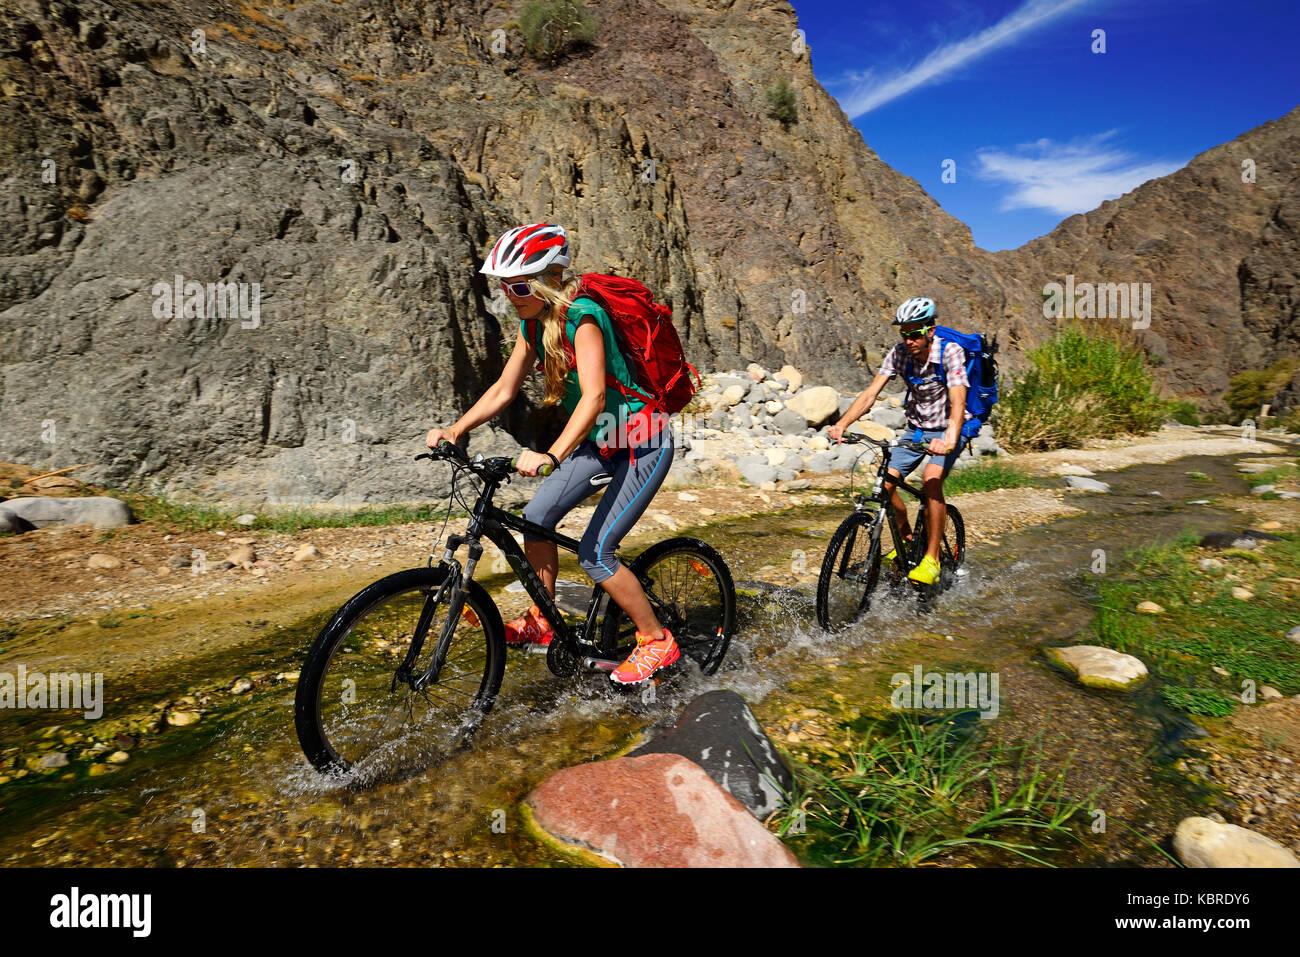 Les touristes avec des vélos de montagne dans la région de feynan en ecolodge, Jordanie Photo Stock